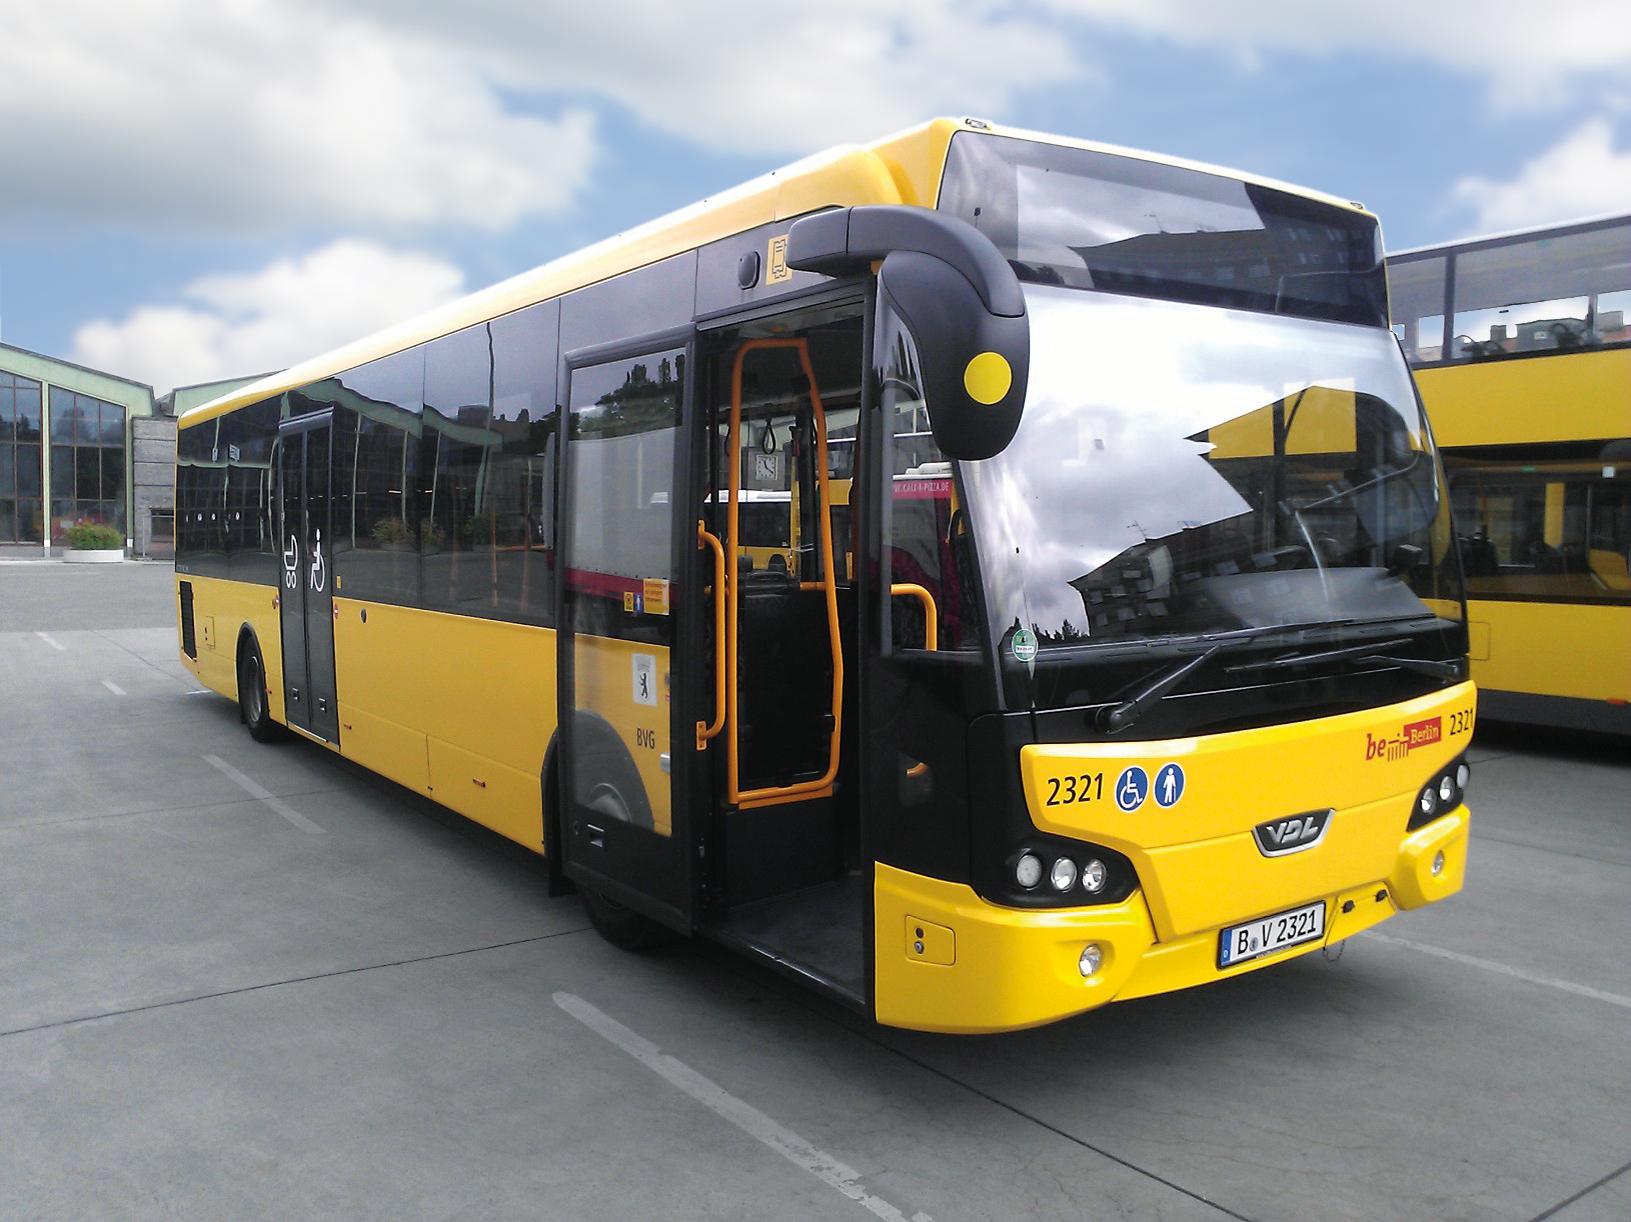 vdl gaat 236 stadsbussen leveren aan berlijn. Black Bedroom Furniture Sets. Home Design Ideas